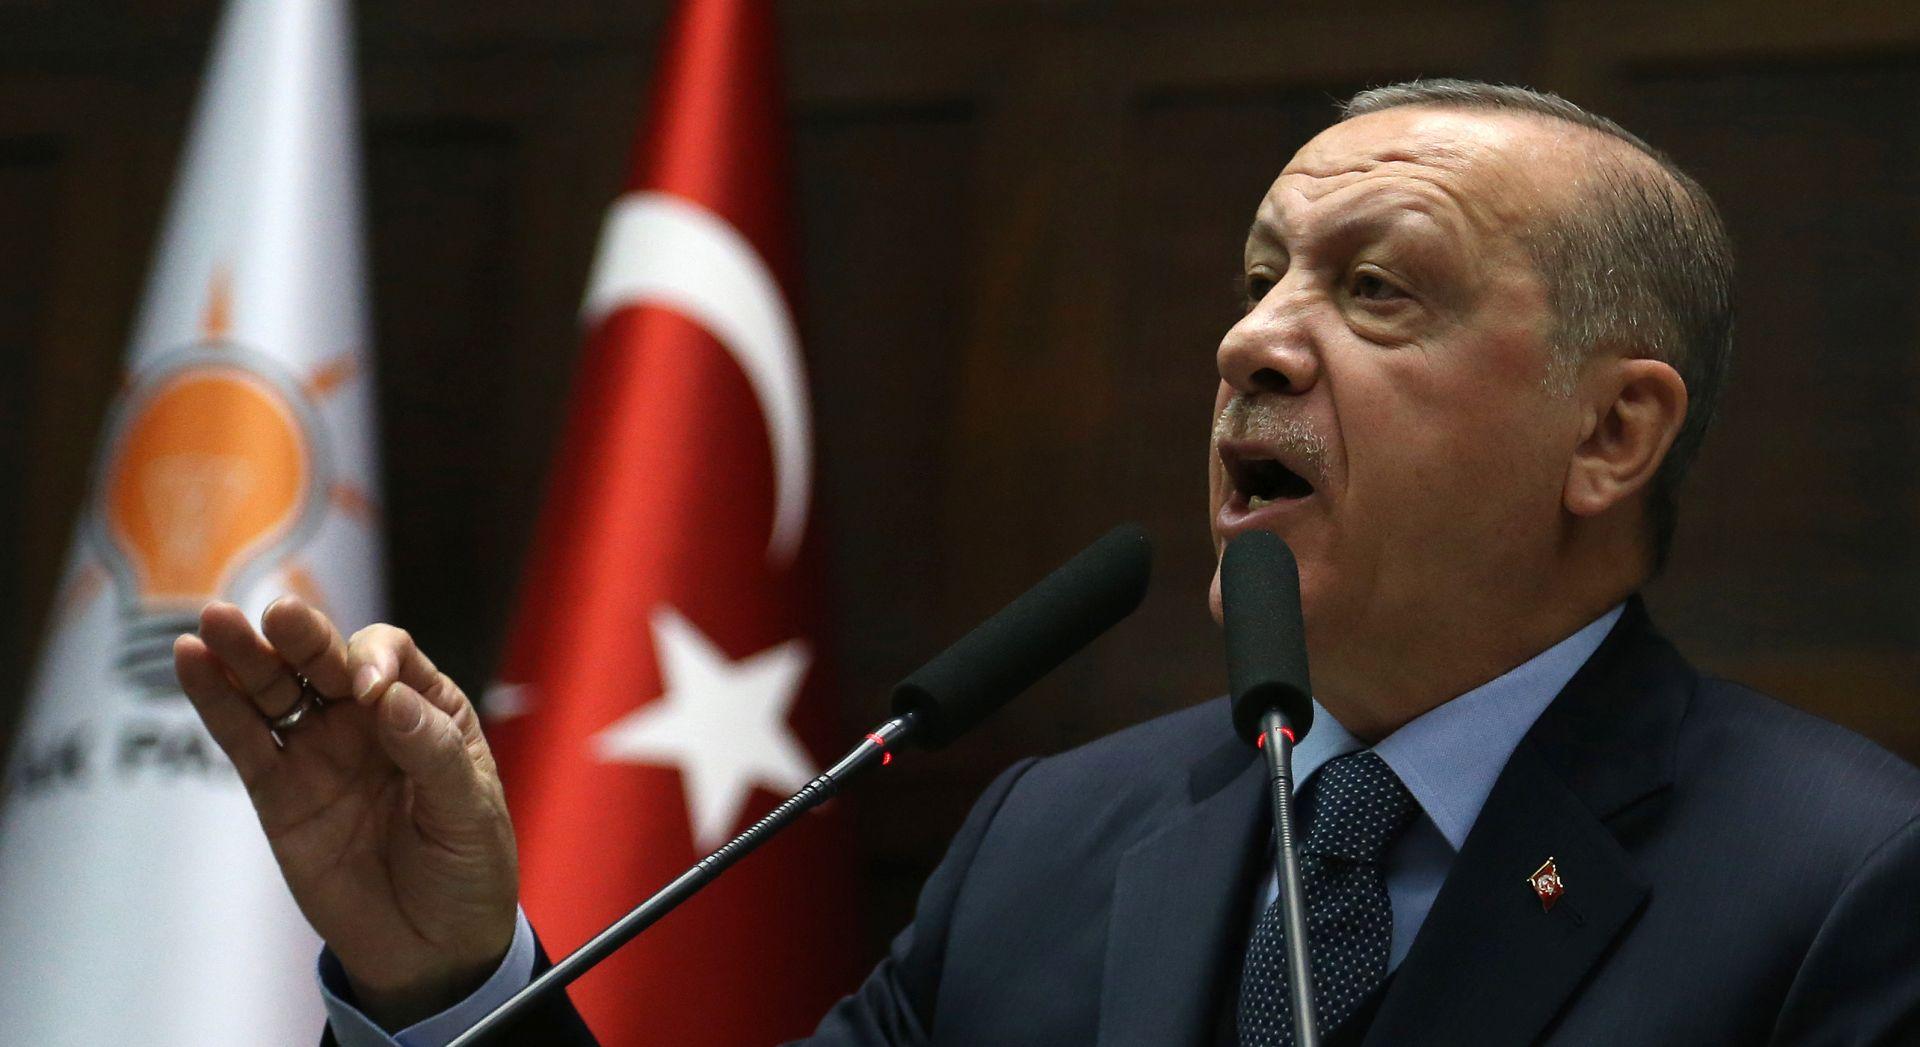 Turska uhitila 100 vojnika osumnjičenih za povezanost s Gulenom